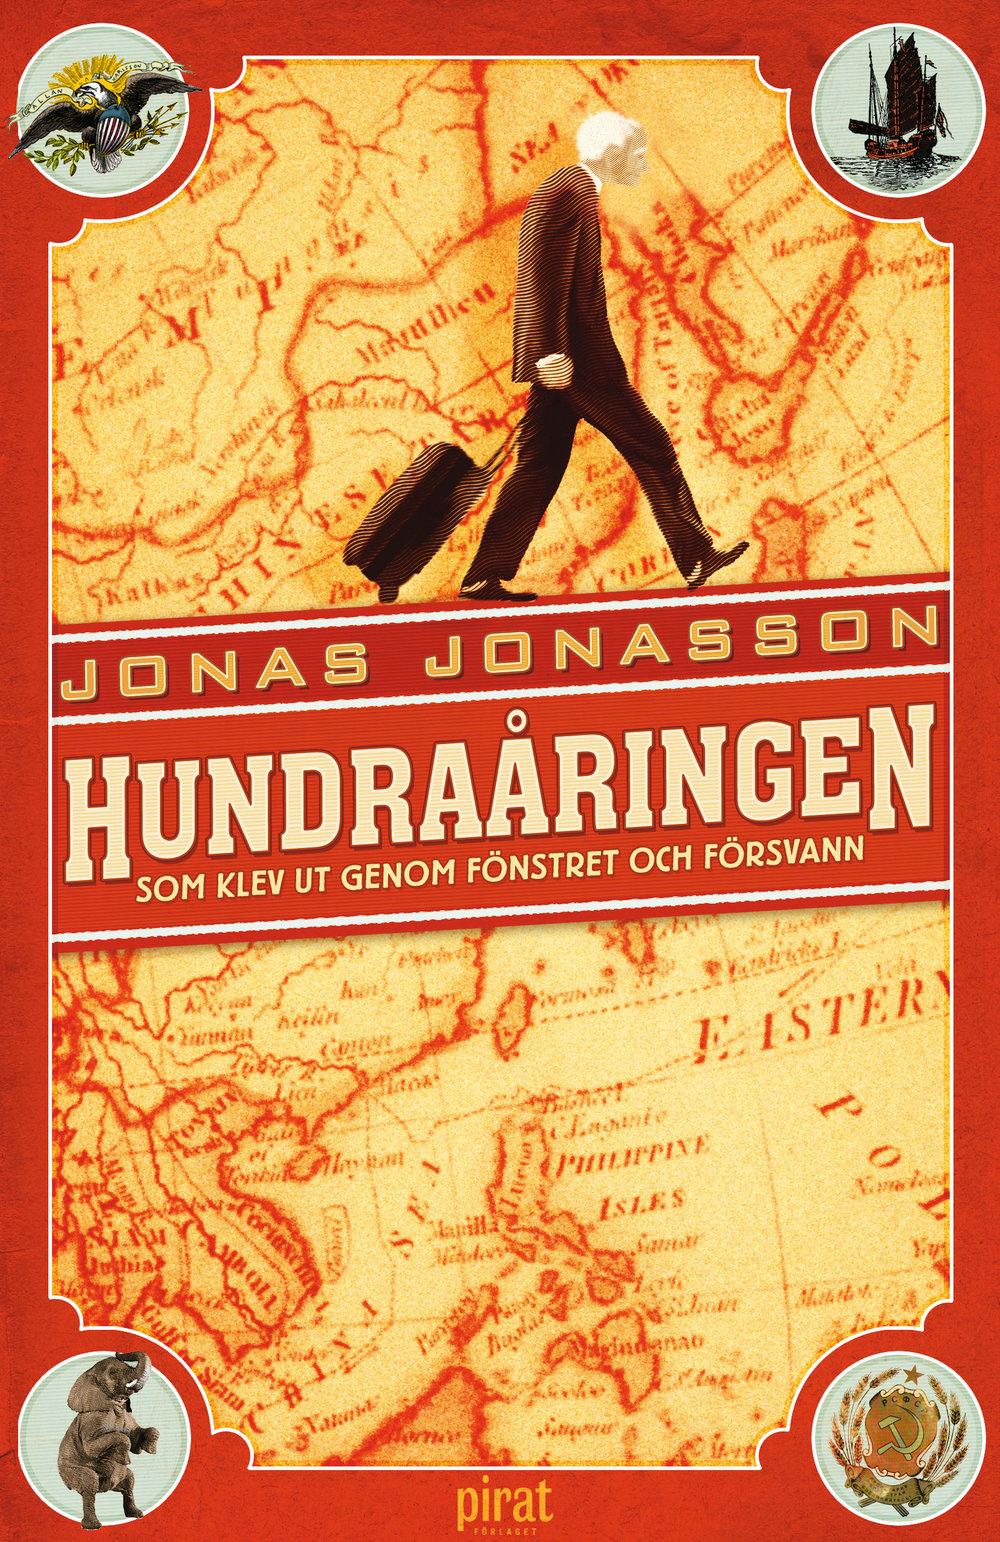 hundraaringen-inb.jpg